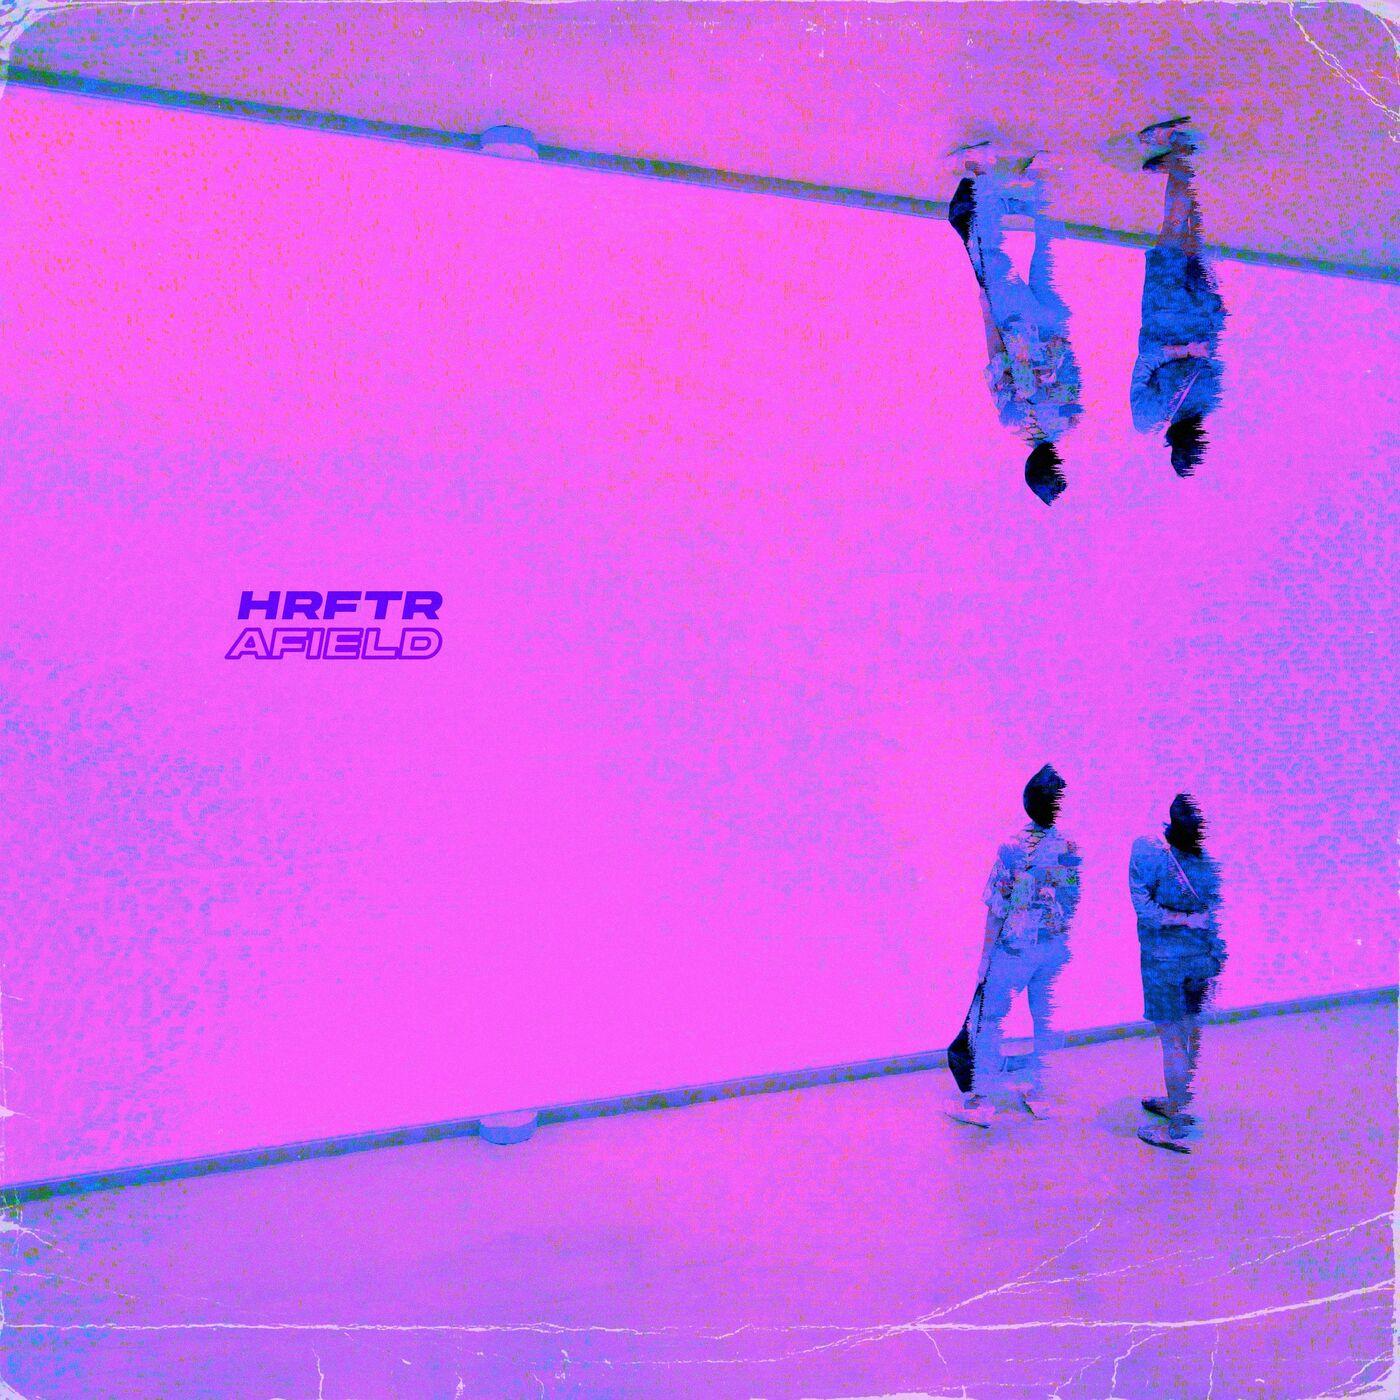 Hrftr - Afield [single] (2021)